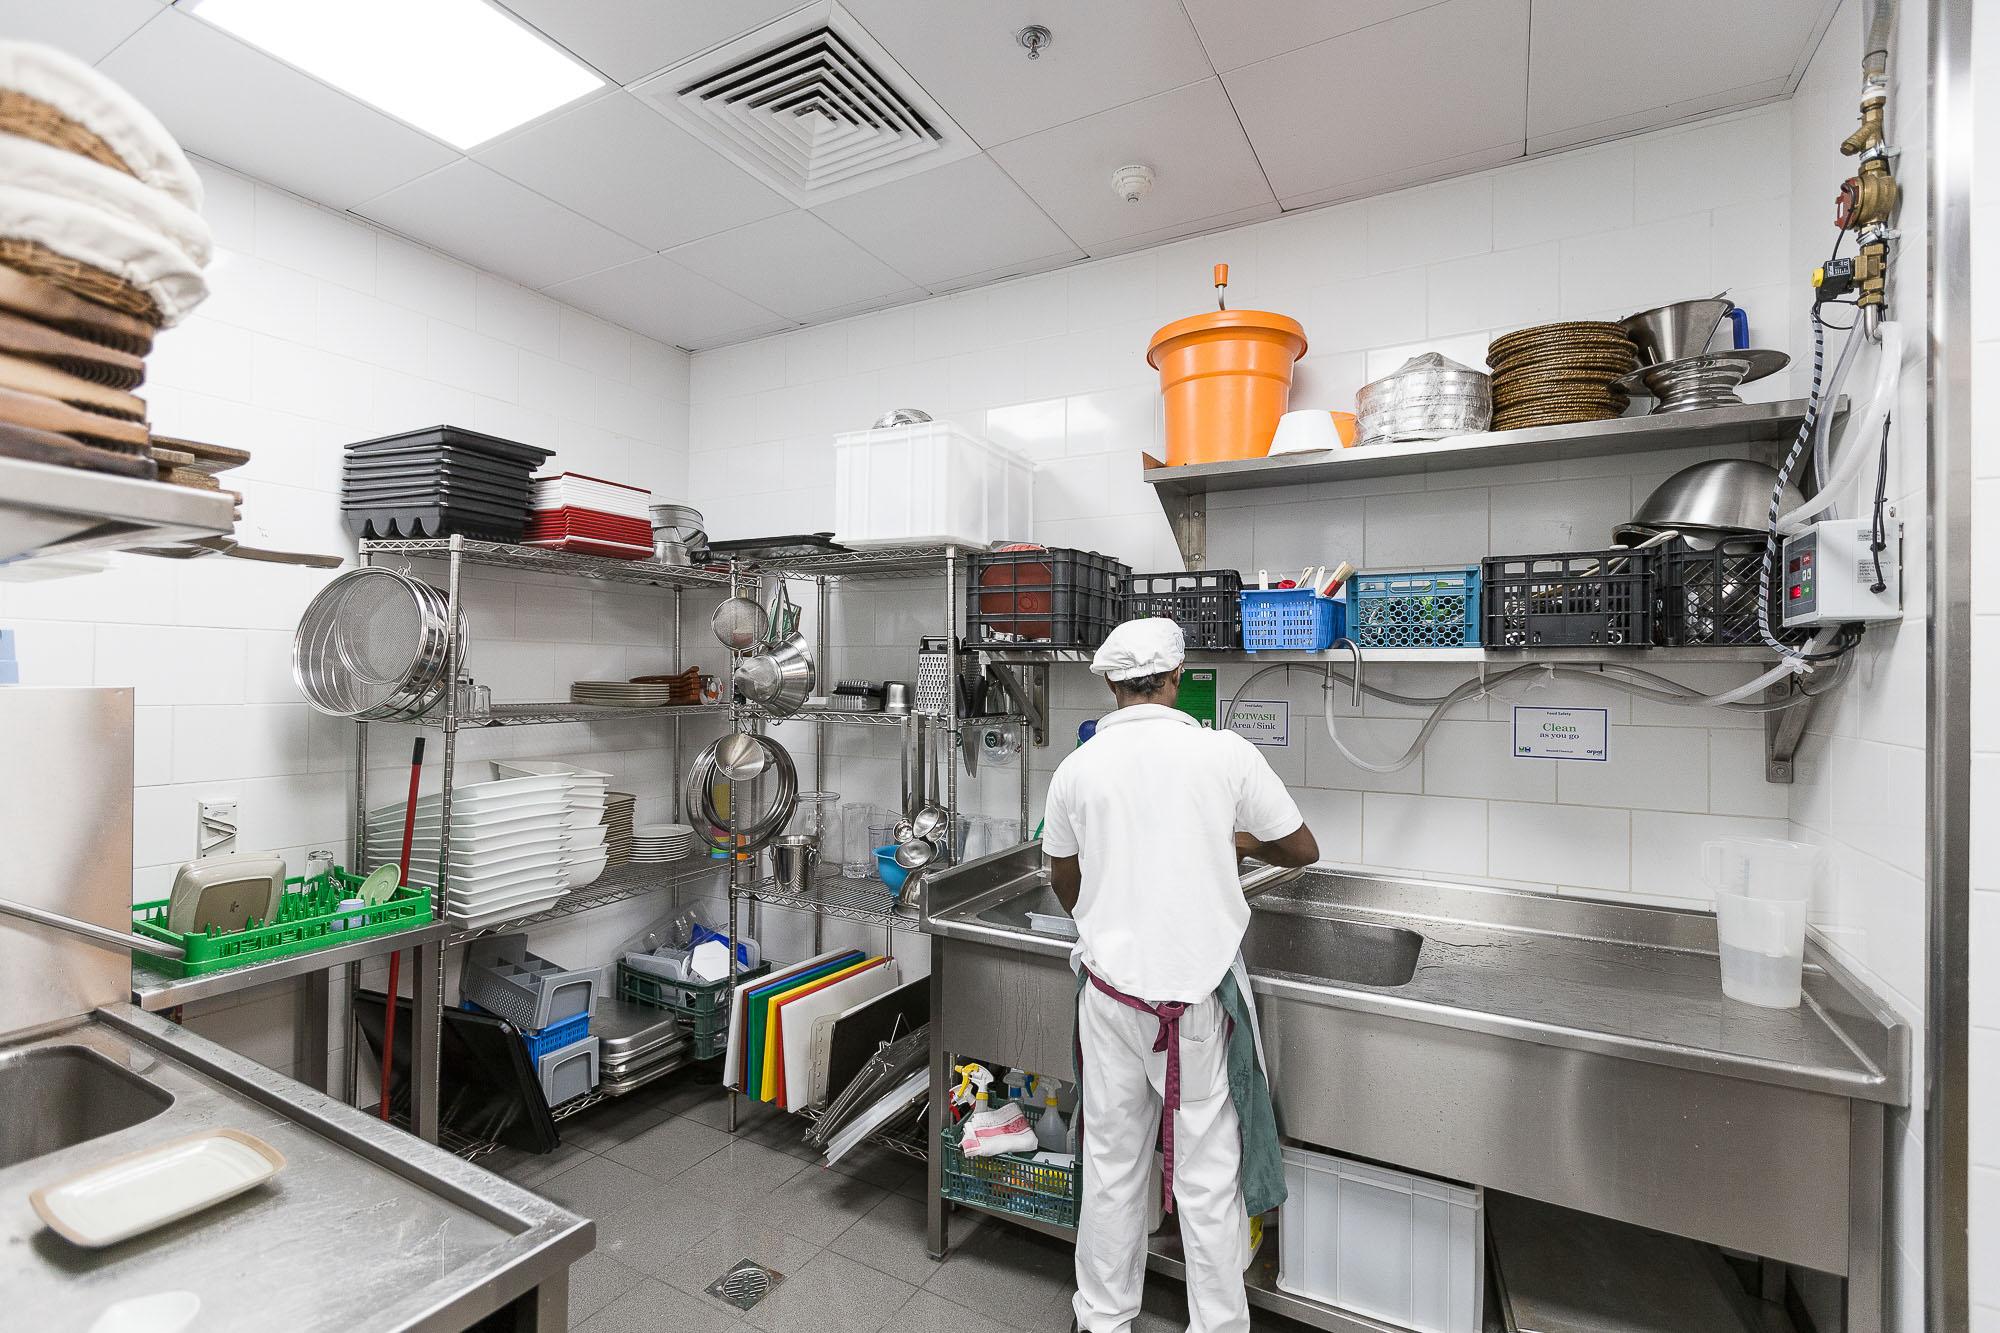 mercato_italia_kitchen_dubai_5